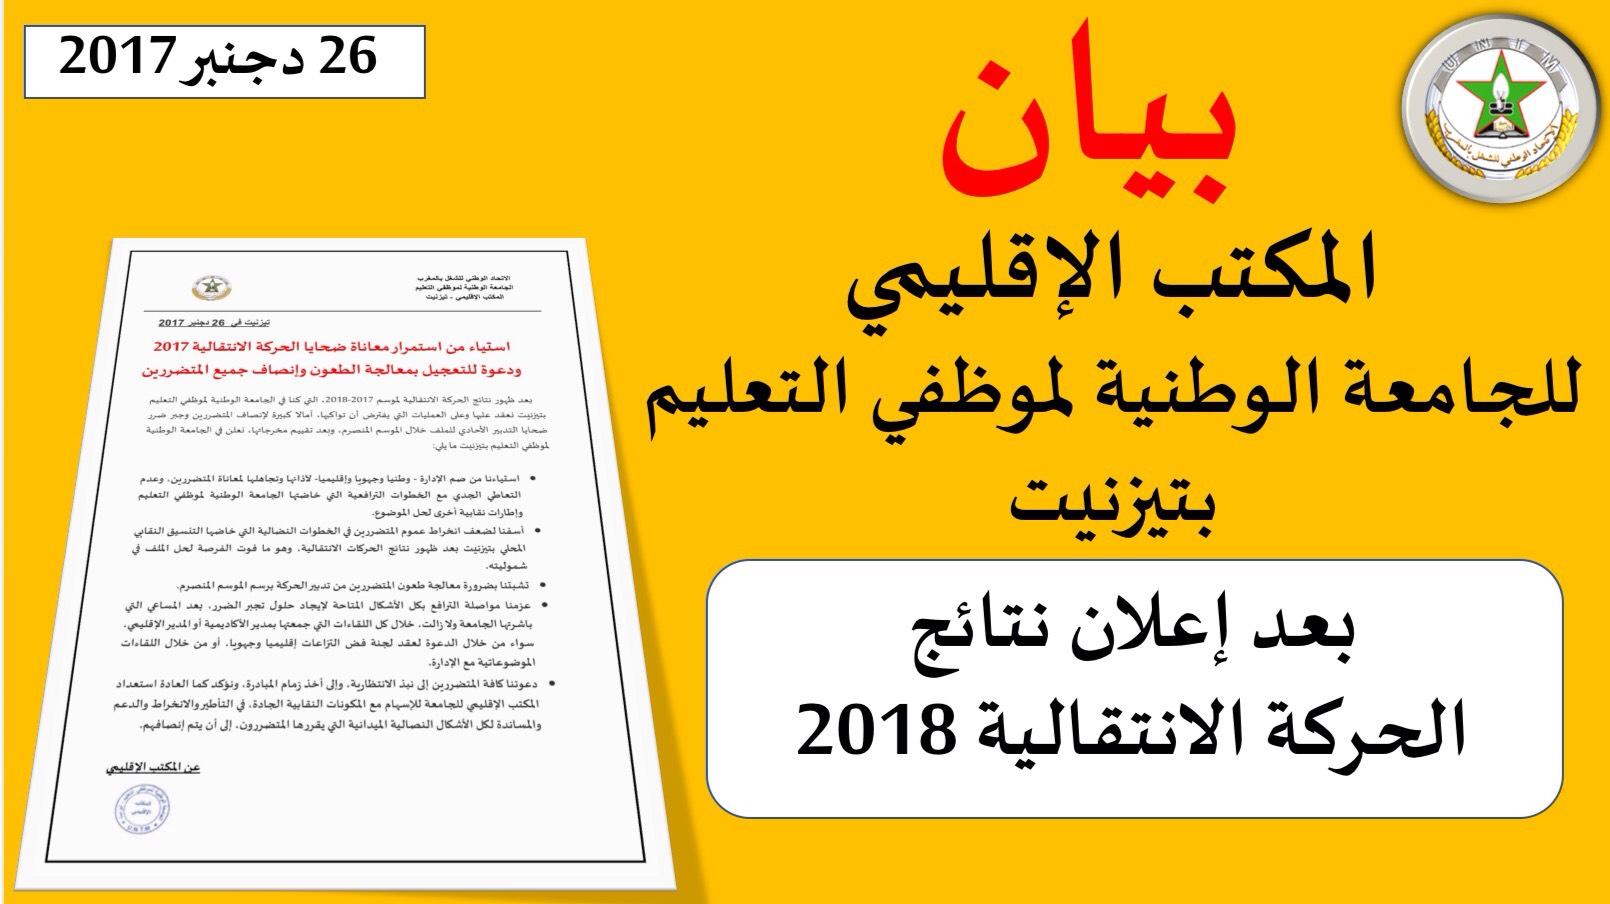 بيان الجامعة الوطنية لموظفي التعليم بتيزنيت حول نتائج الحركة الانتقالية 2018